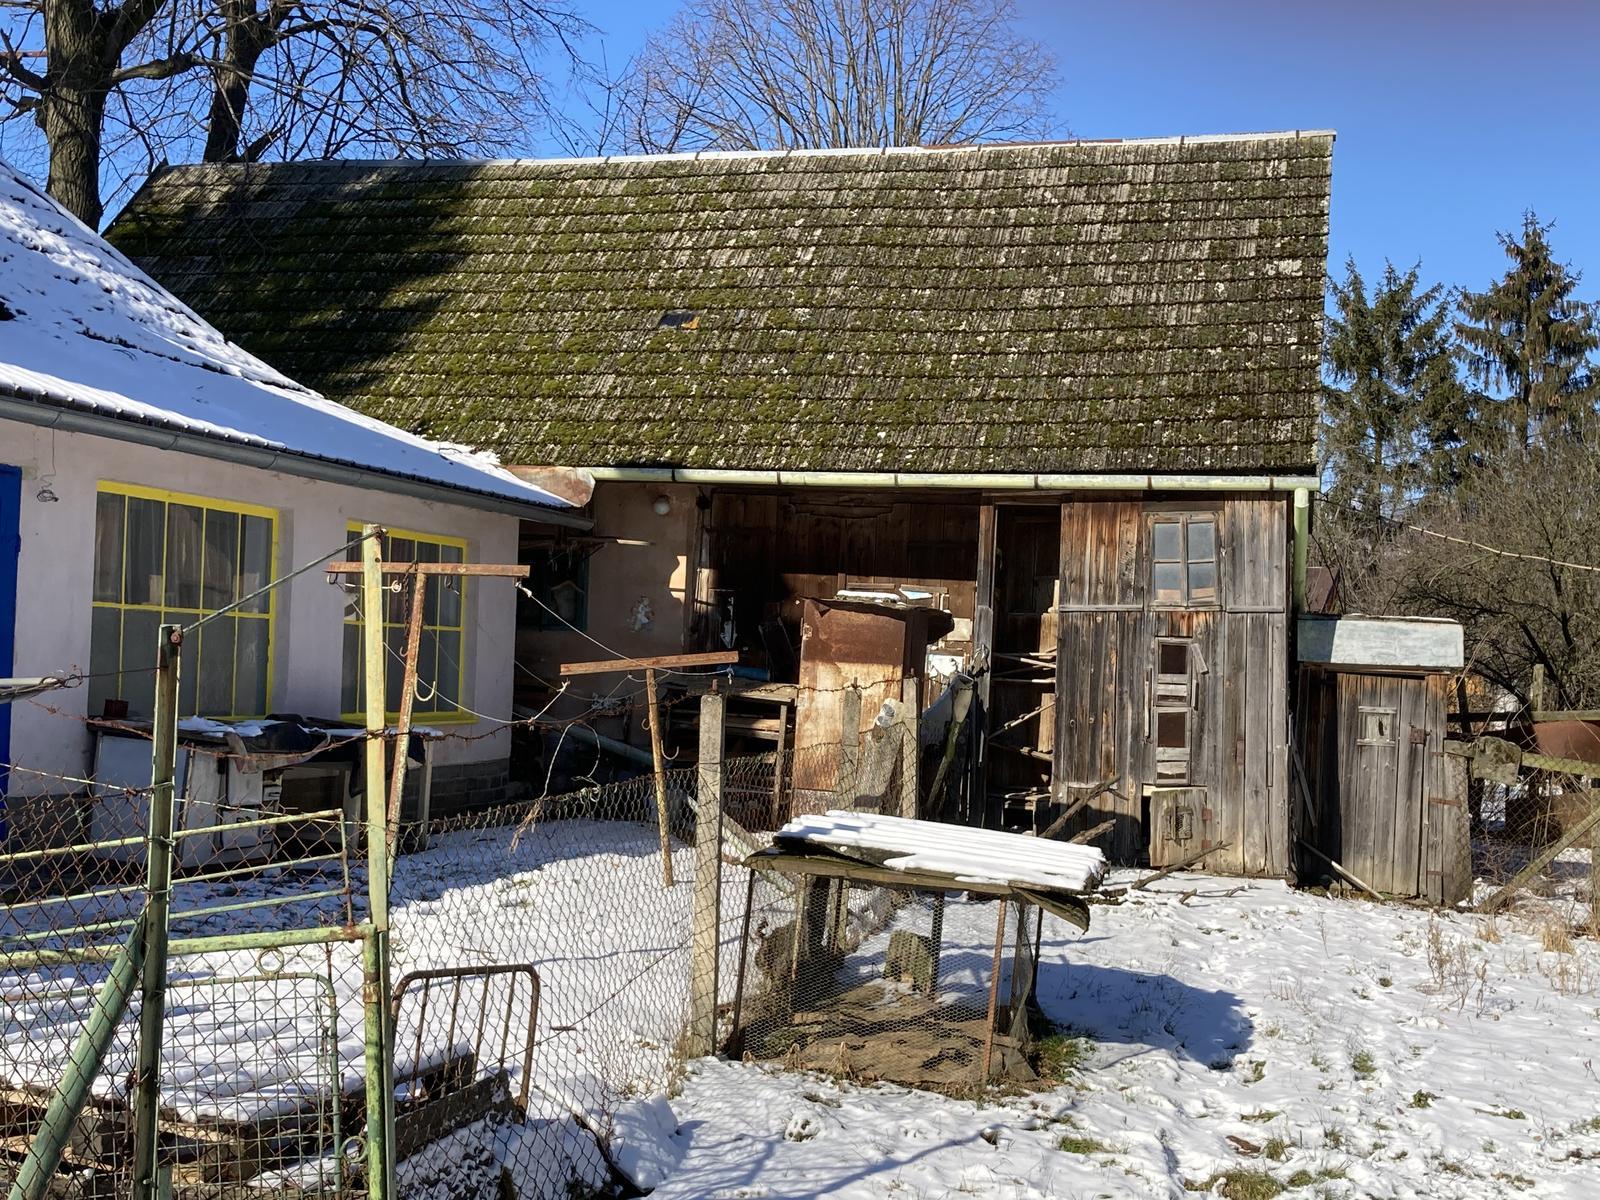 Dom - ...a keď bude priestor, všetko drevo zo šopy pôjde preč, rovnako ako bordel z dvora, a bude tam altánok a časom aj veľký bazén ;)